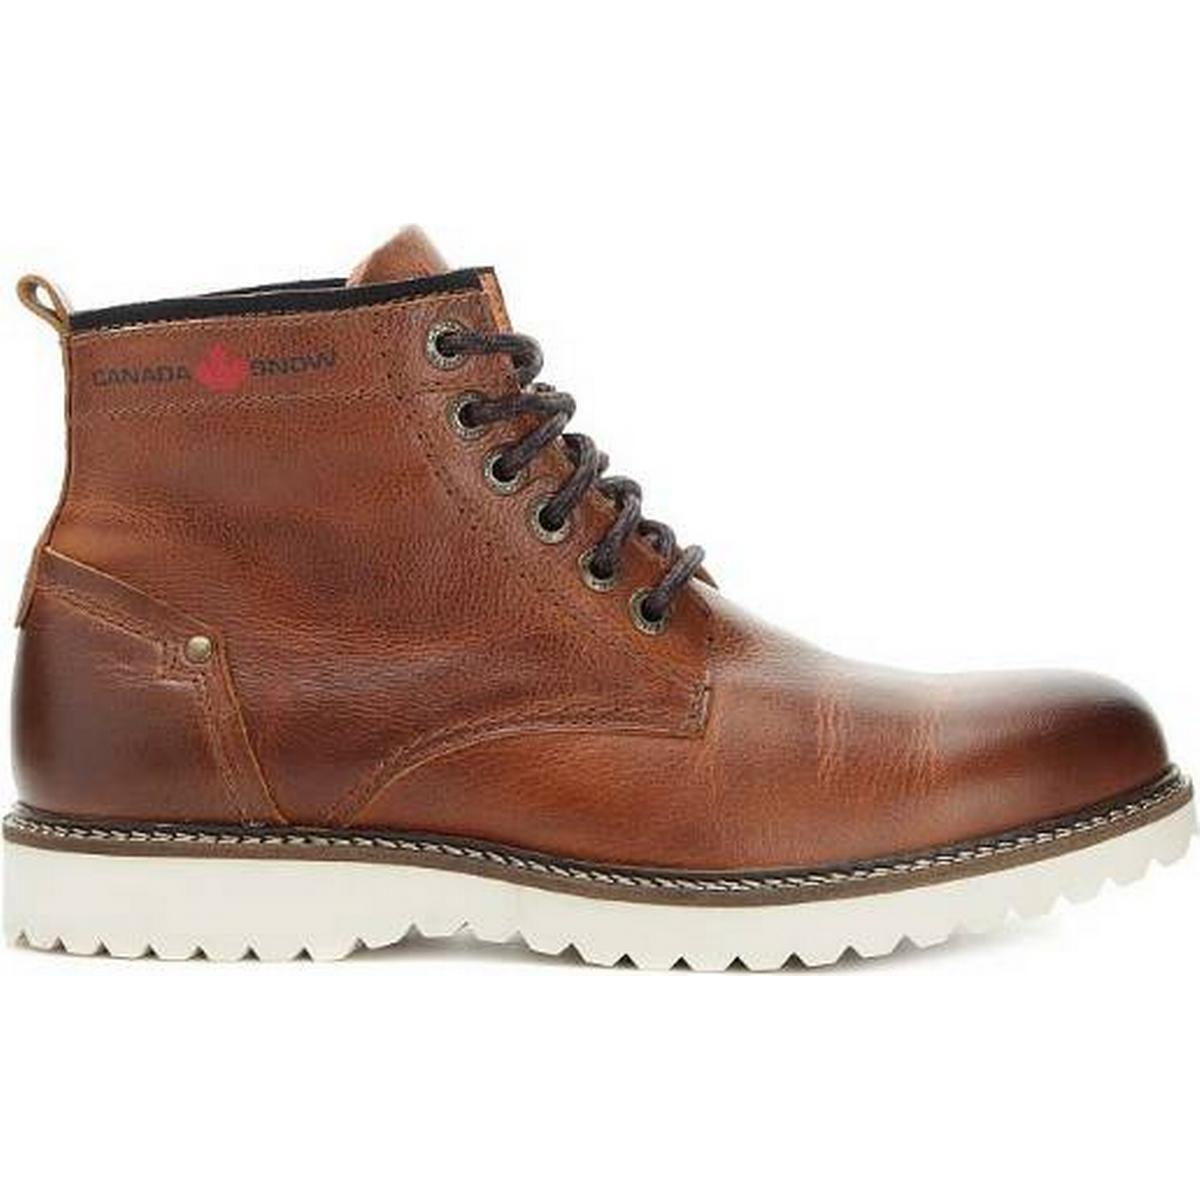 Canada snow skor herr • Hitta det lägsta priset hos